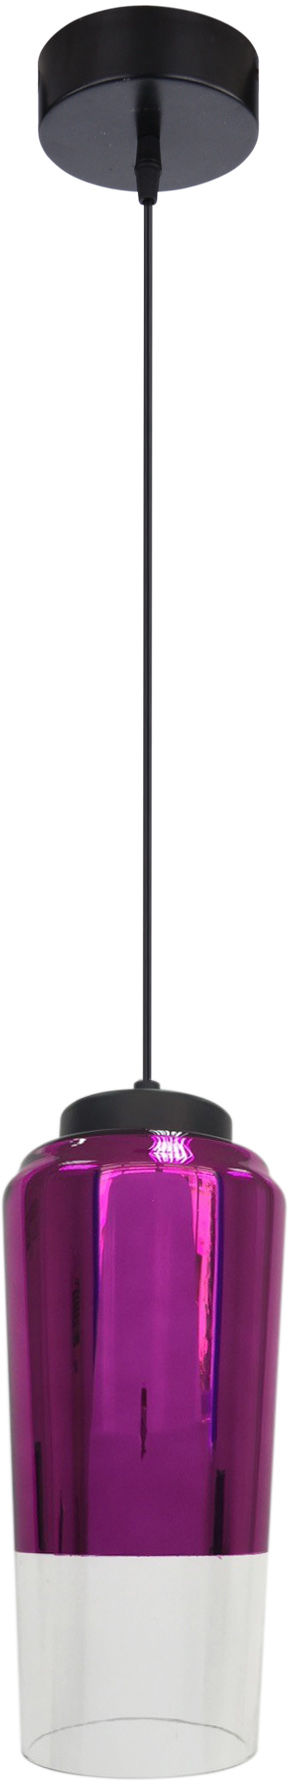 Candellux TUBE 31-51288 lampa wisząca dwukolorowy klosz szklany fioletowy na zawiesiu 1X60W E27 13 cm